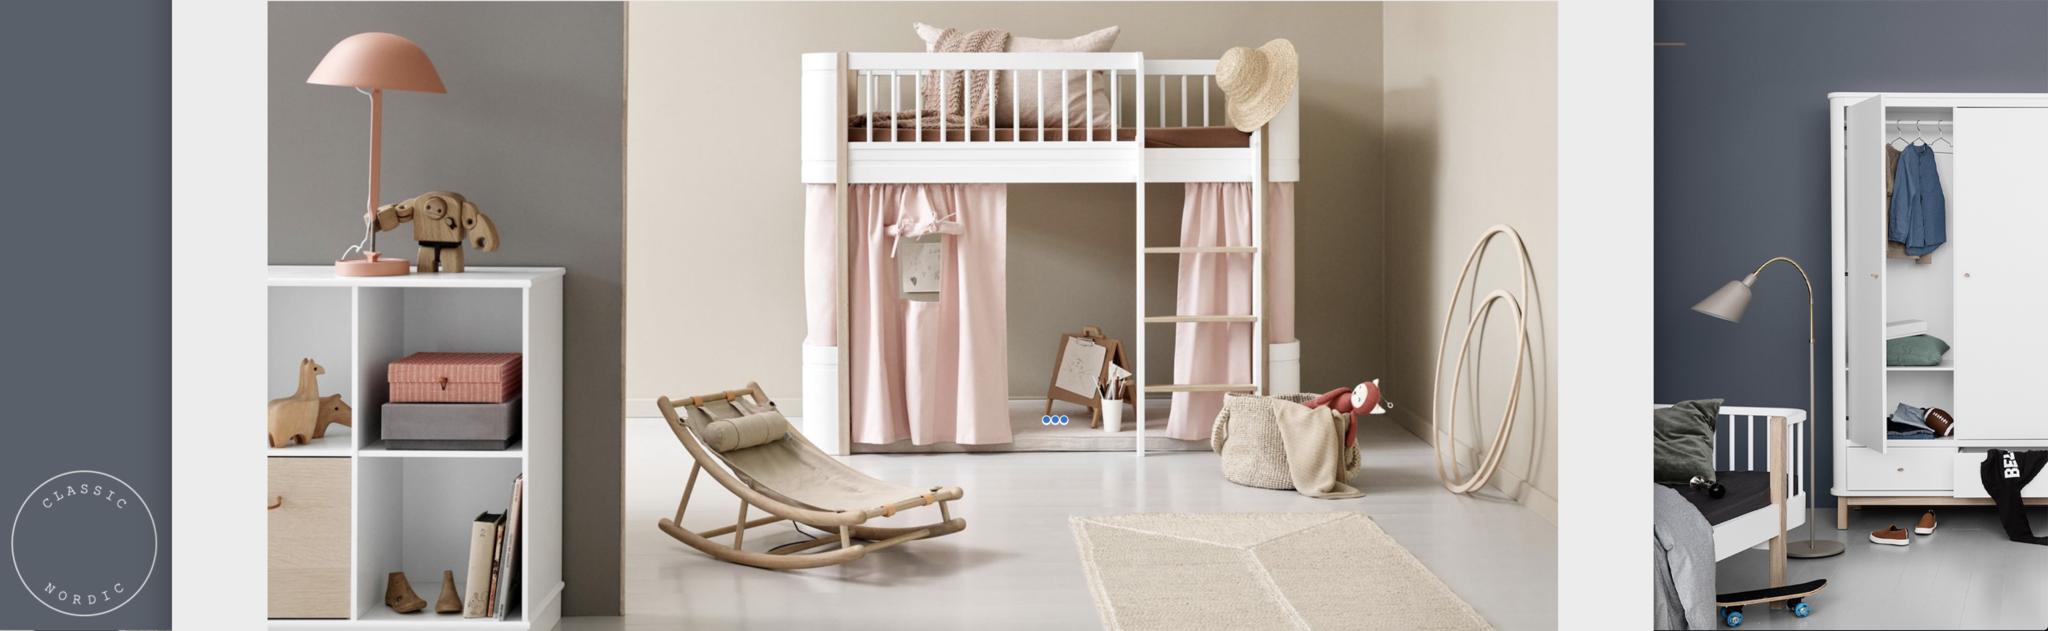 Oliver Furniture_Wood_Slide